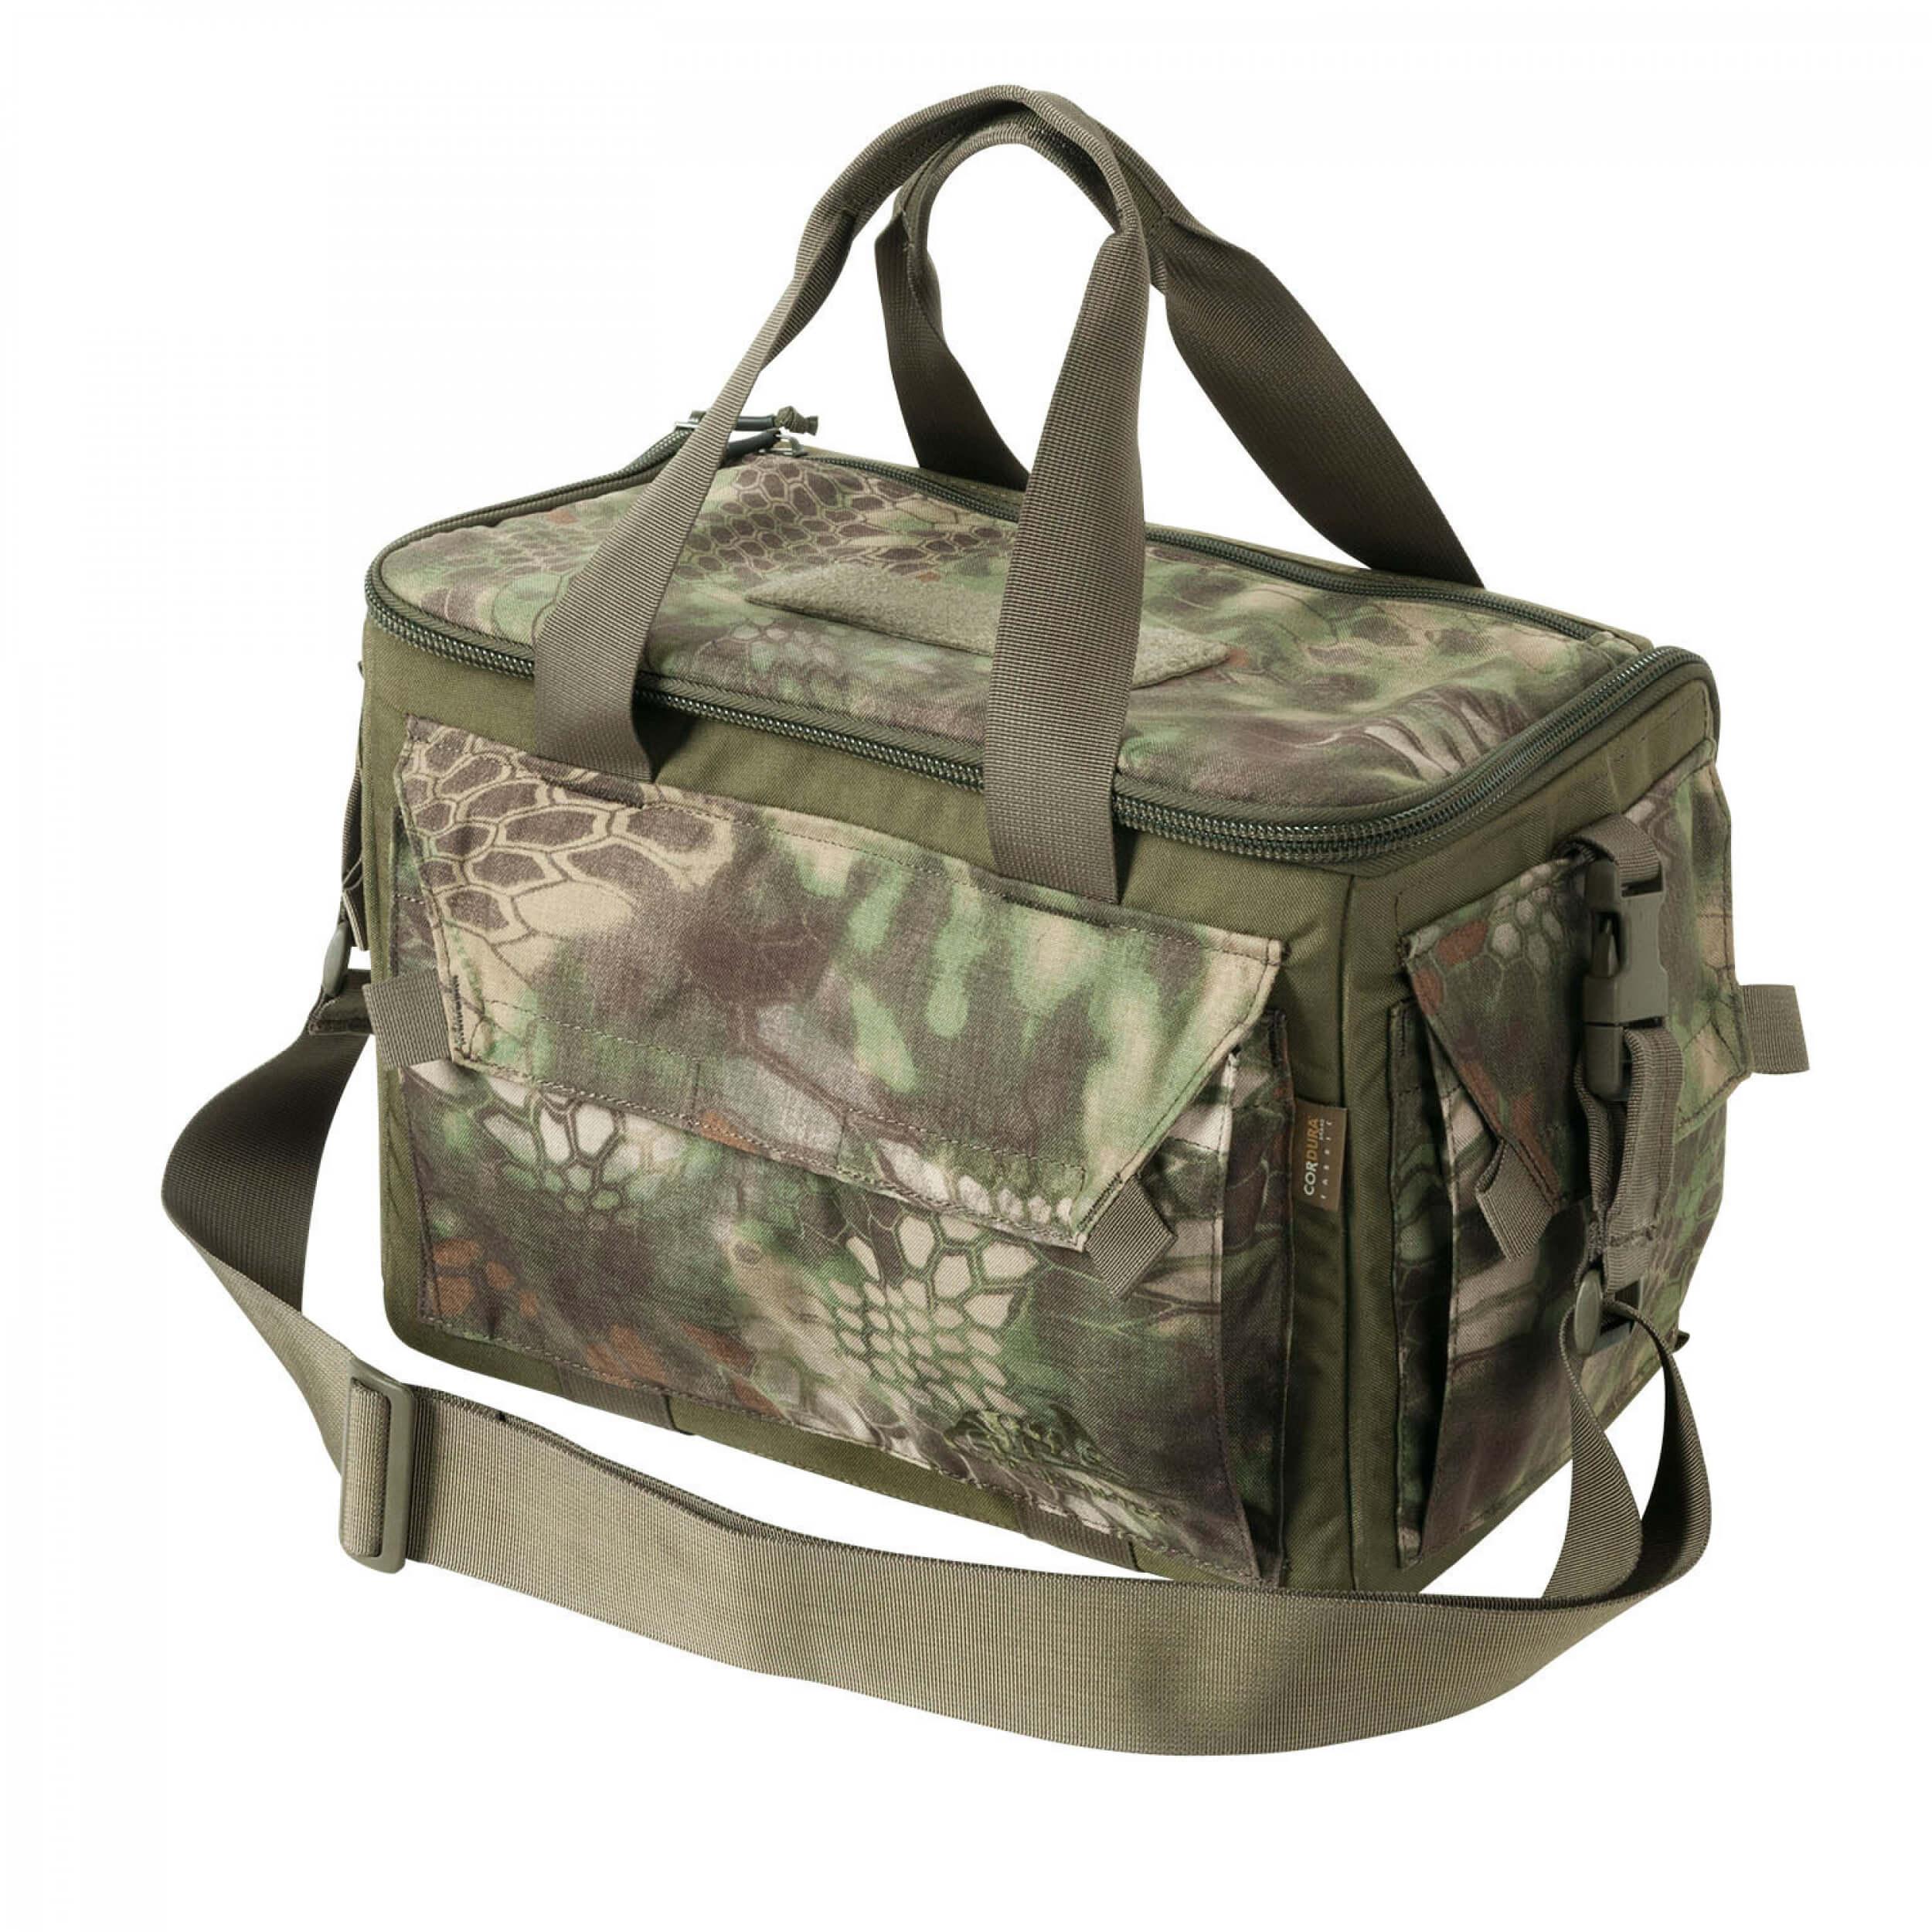 Helikon-Tex Range Bag Kryptek Mandrake